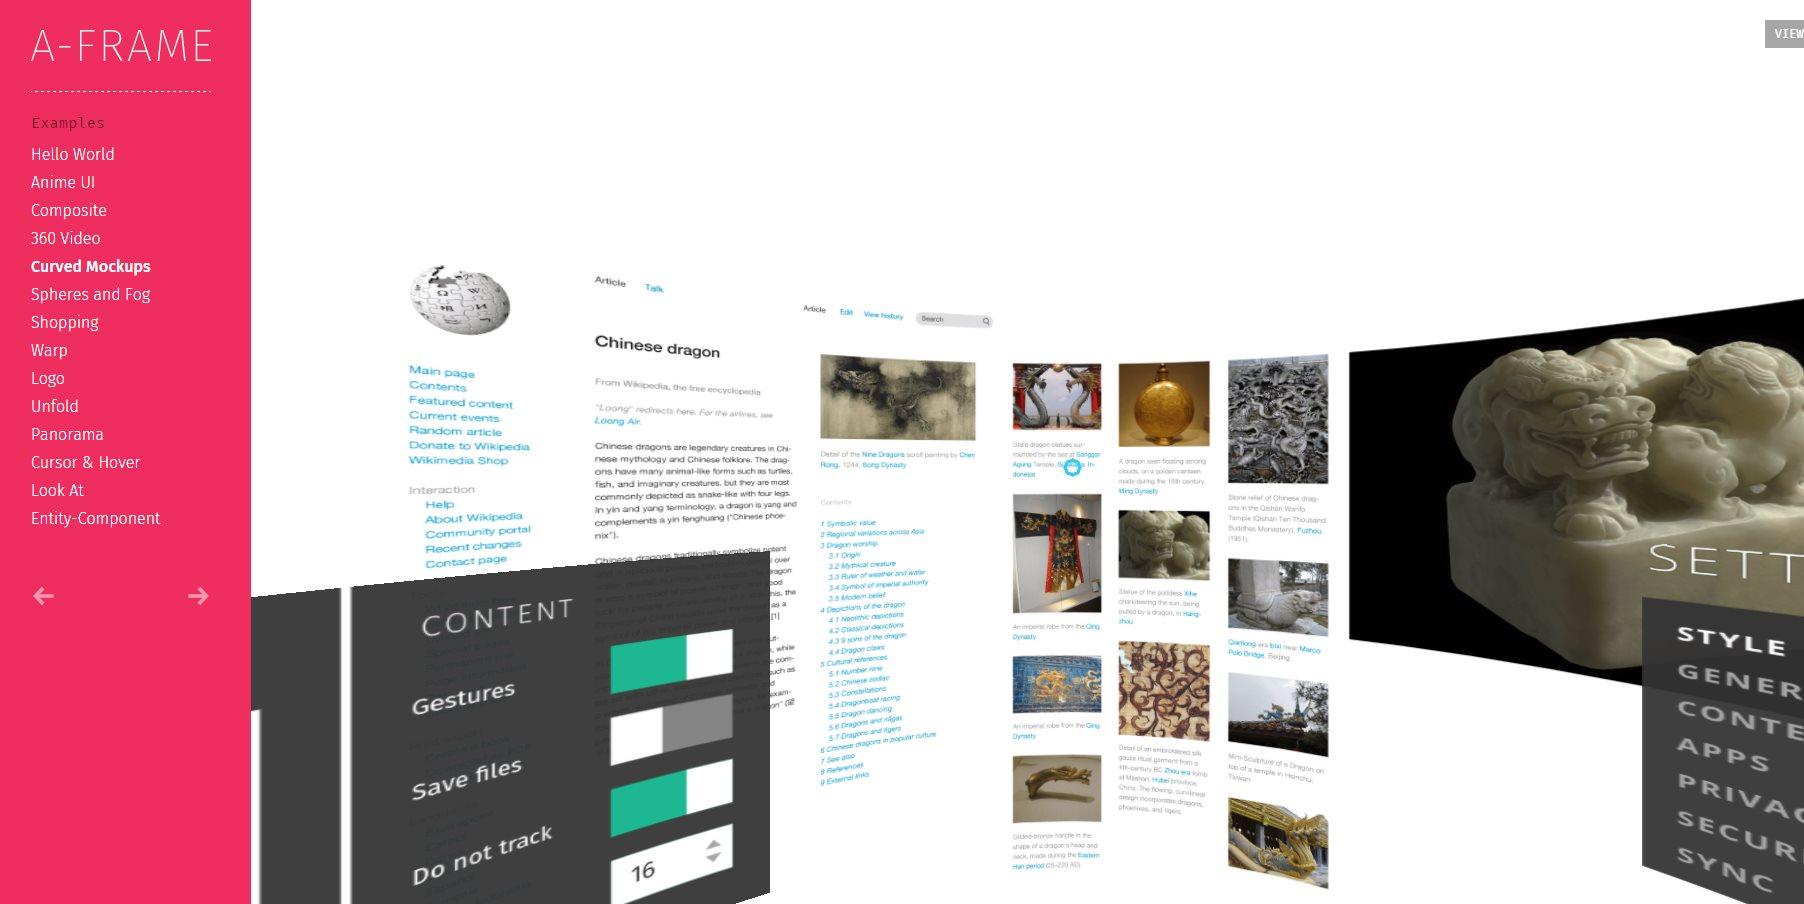 A-Frame, para crear aplicaciones de Realidad Virtual